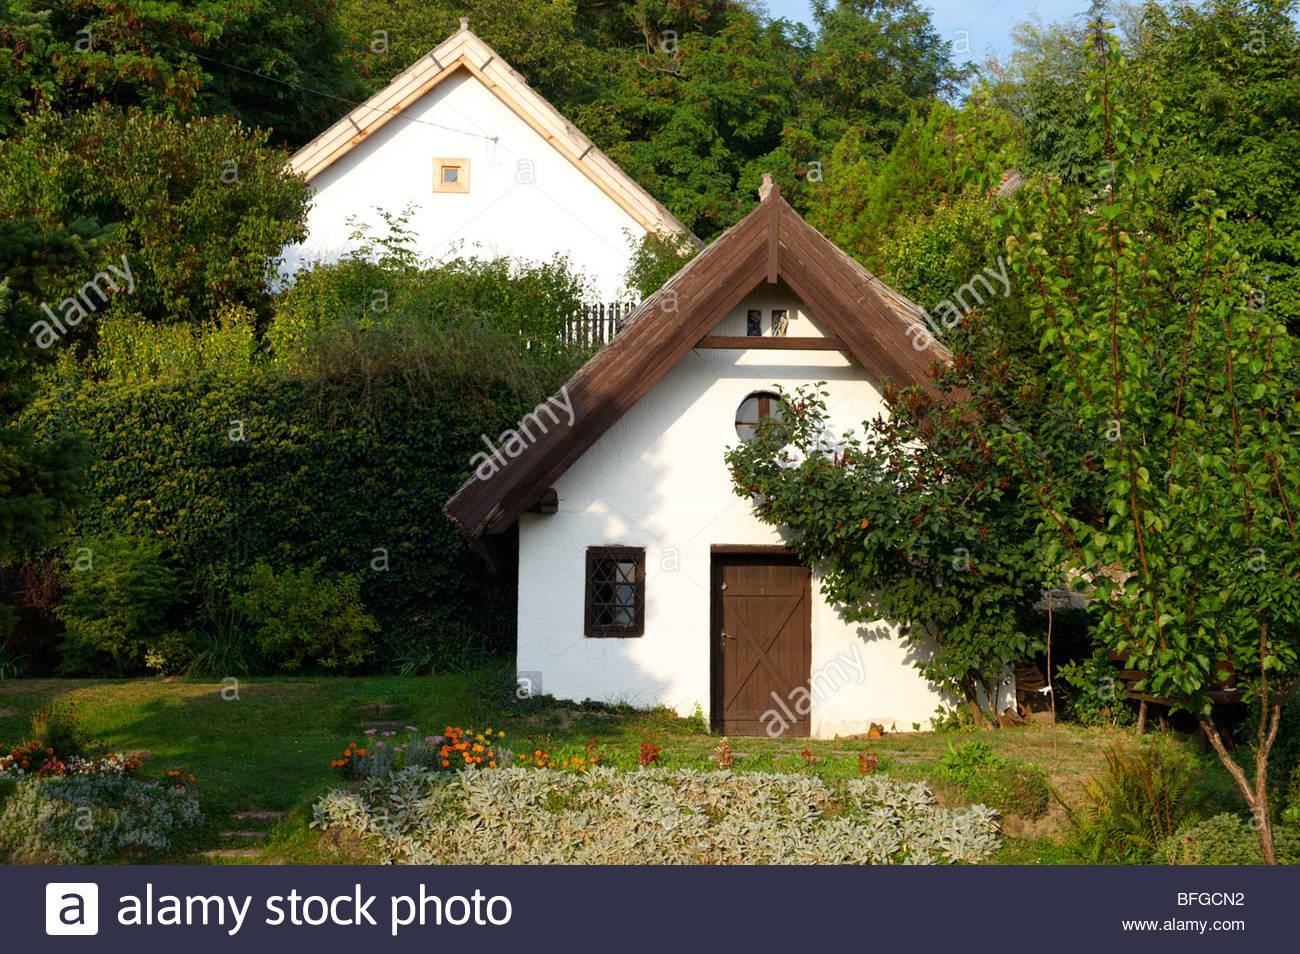 Maisons de chaume traditionnels - Szigiglet, Balaton, Hongrie Photo Stock